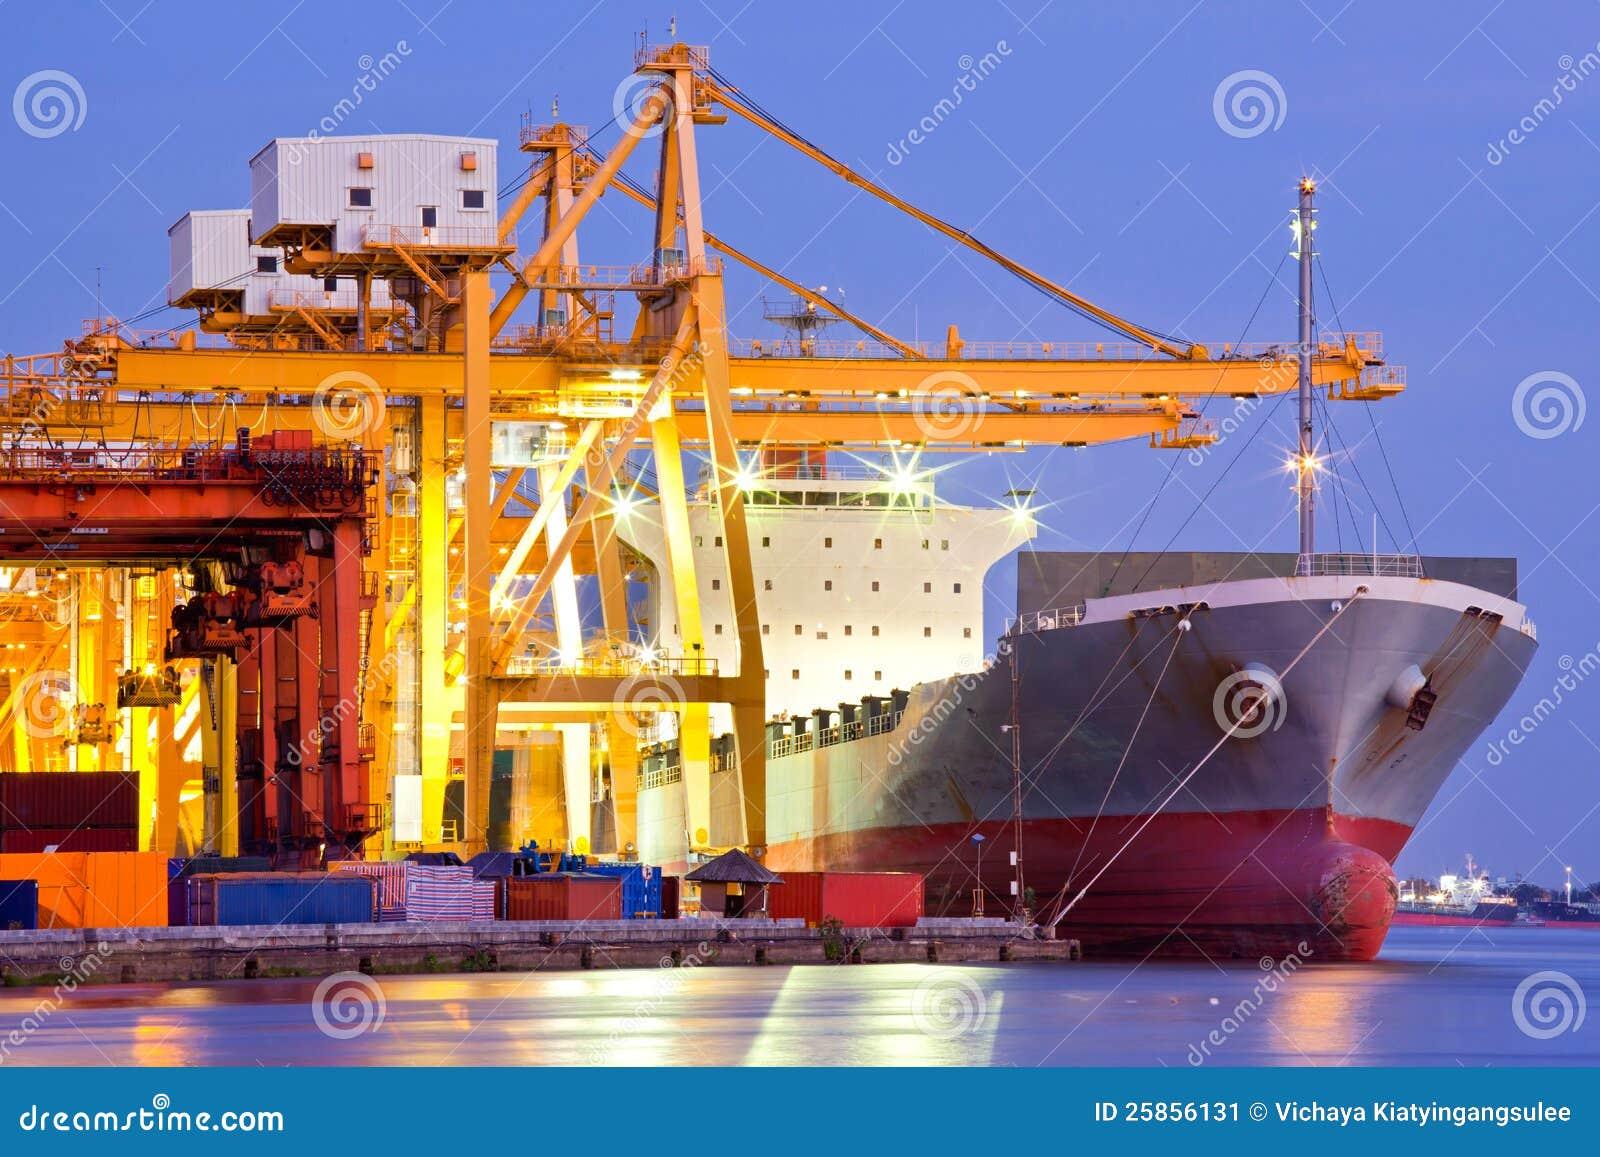 行业容器货船